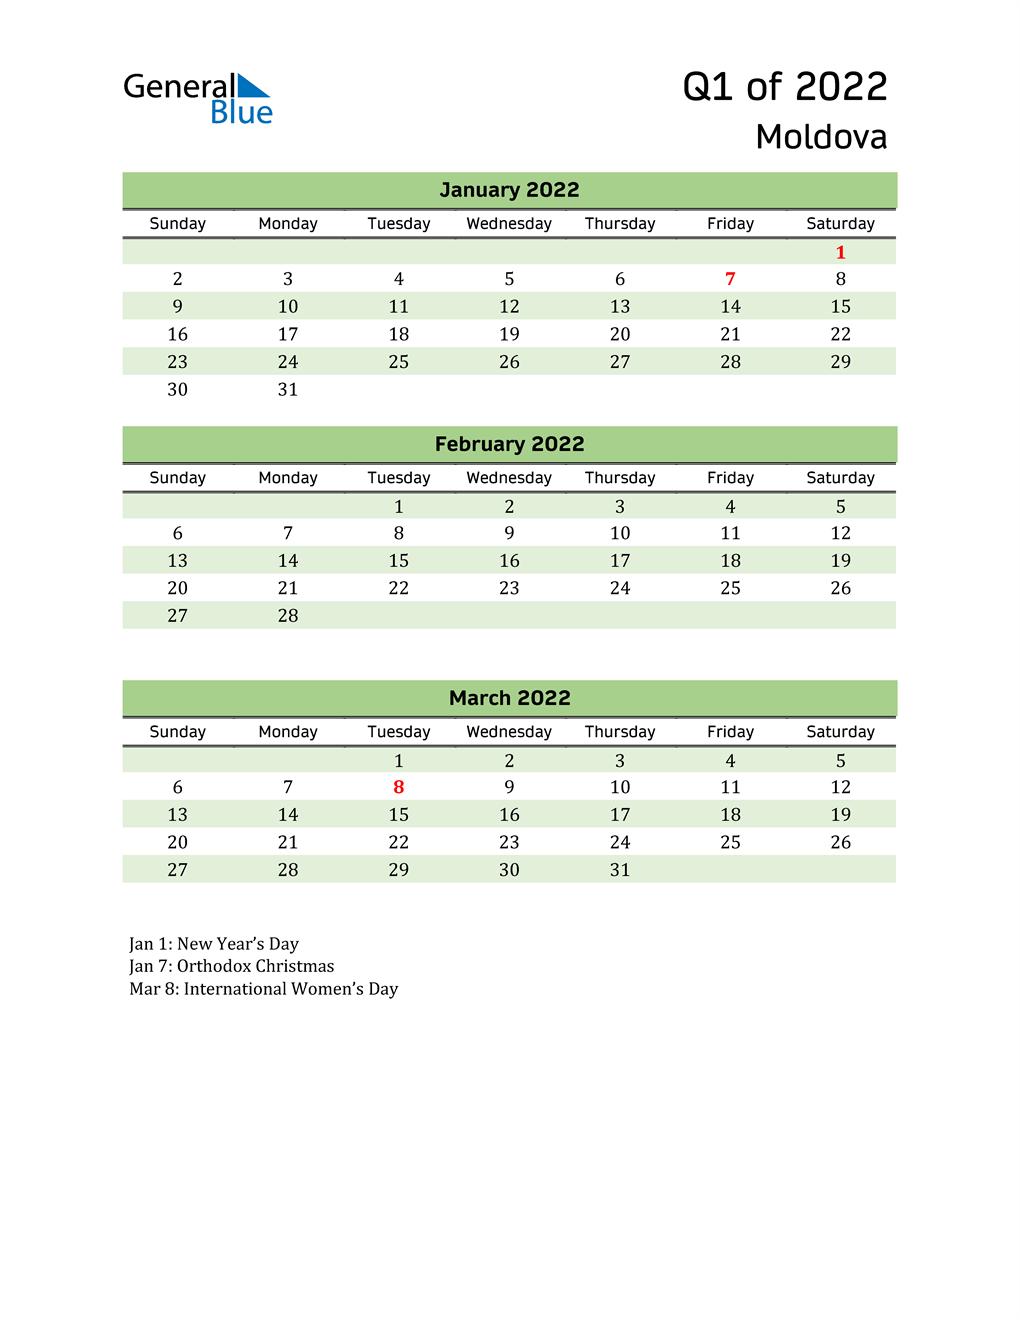 Quarterly Calendar 2022 with Moldova Holidays